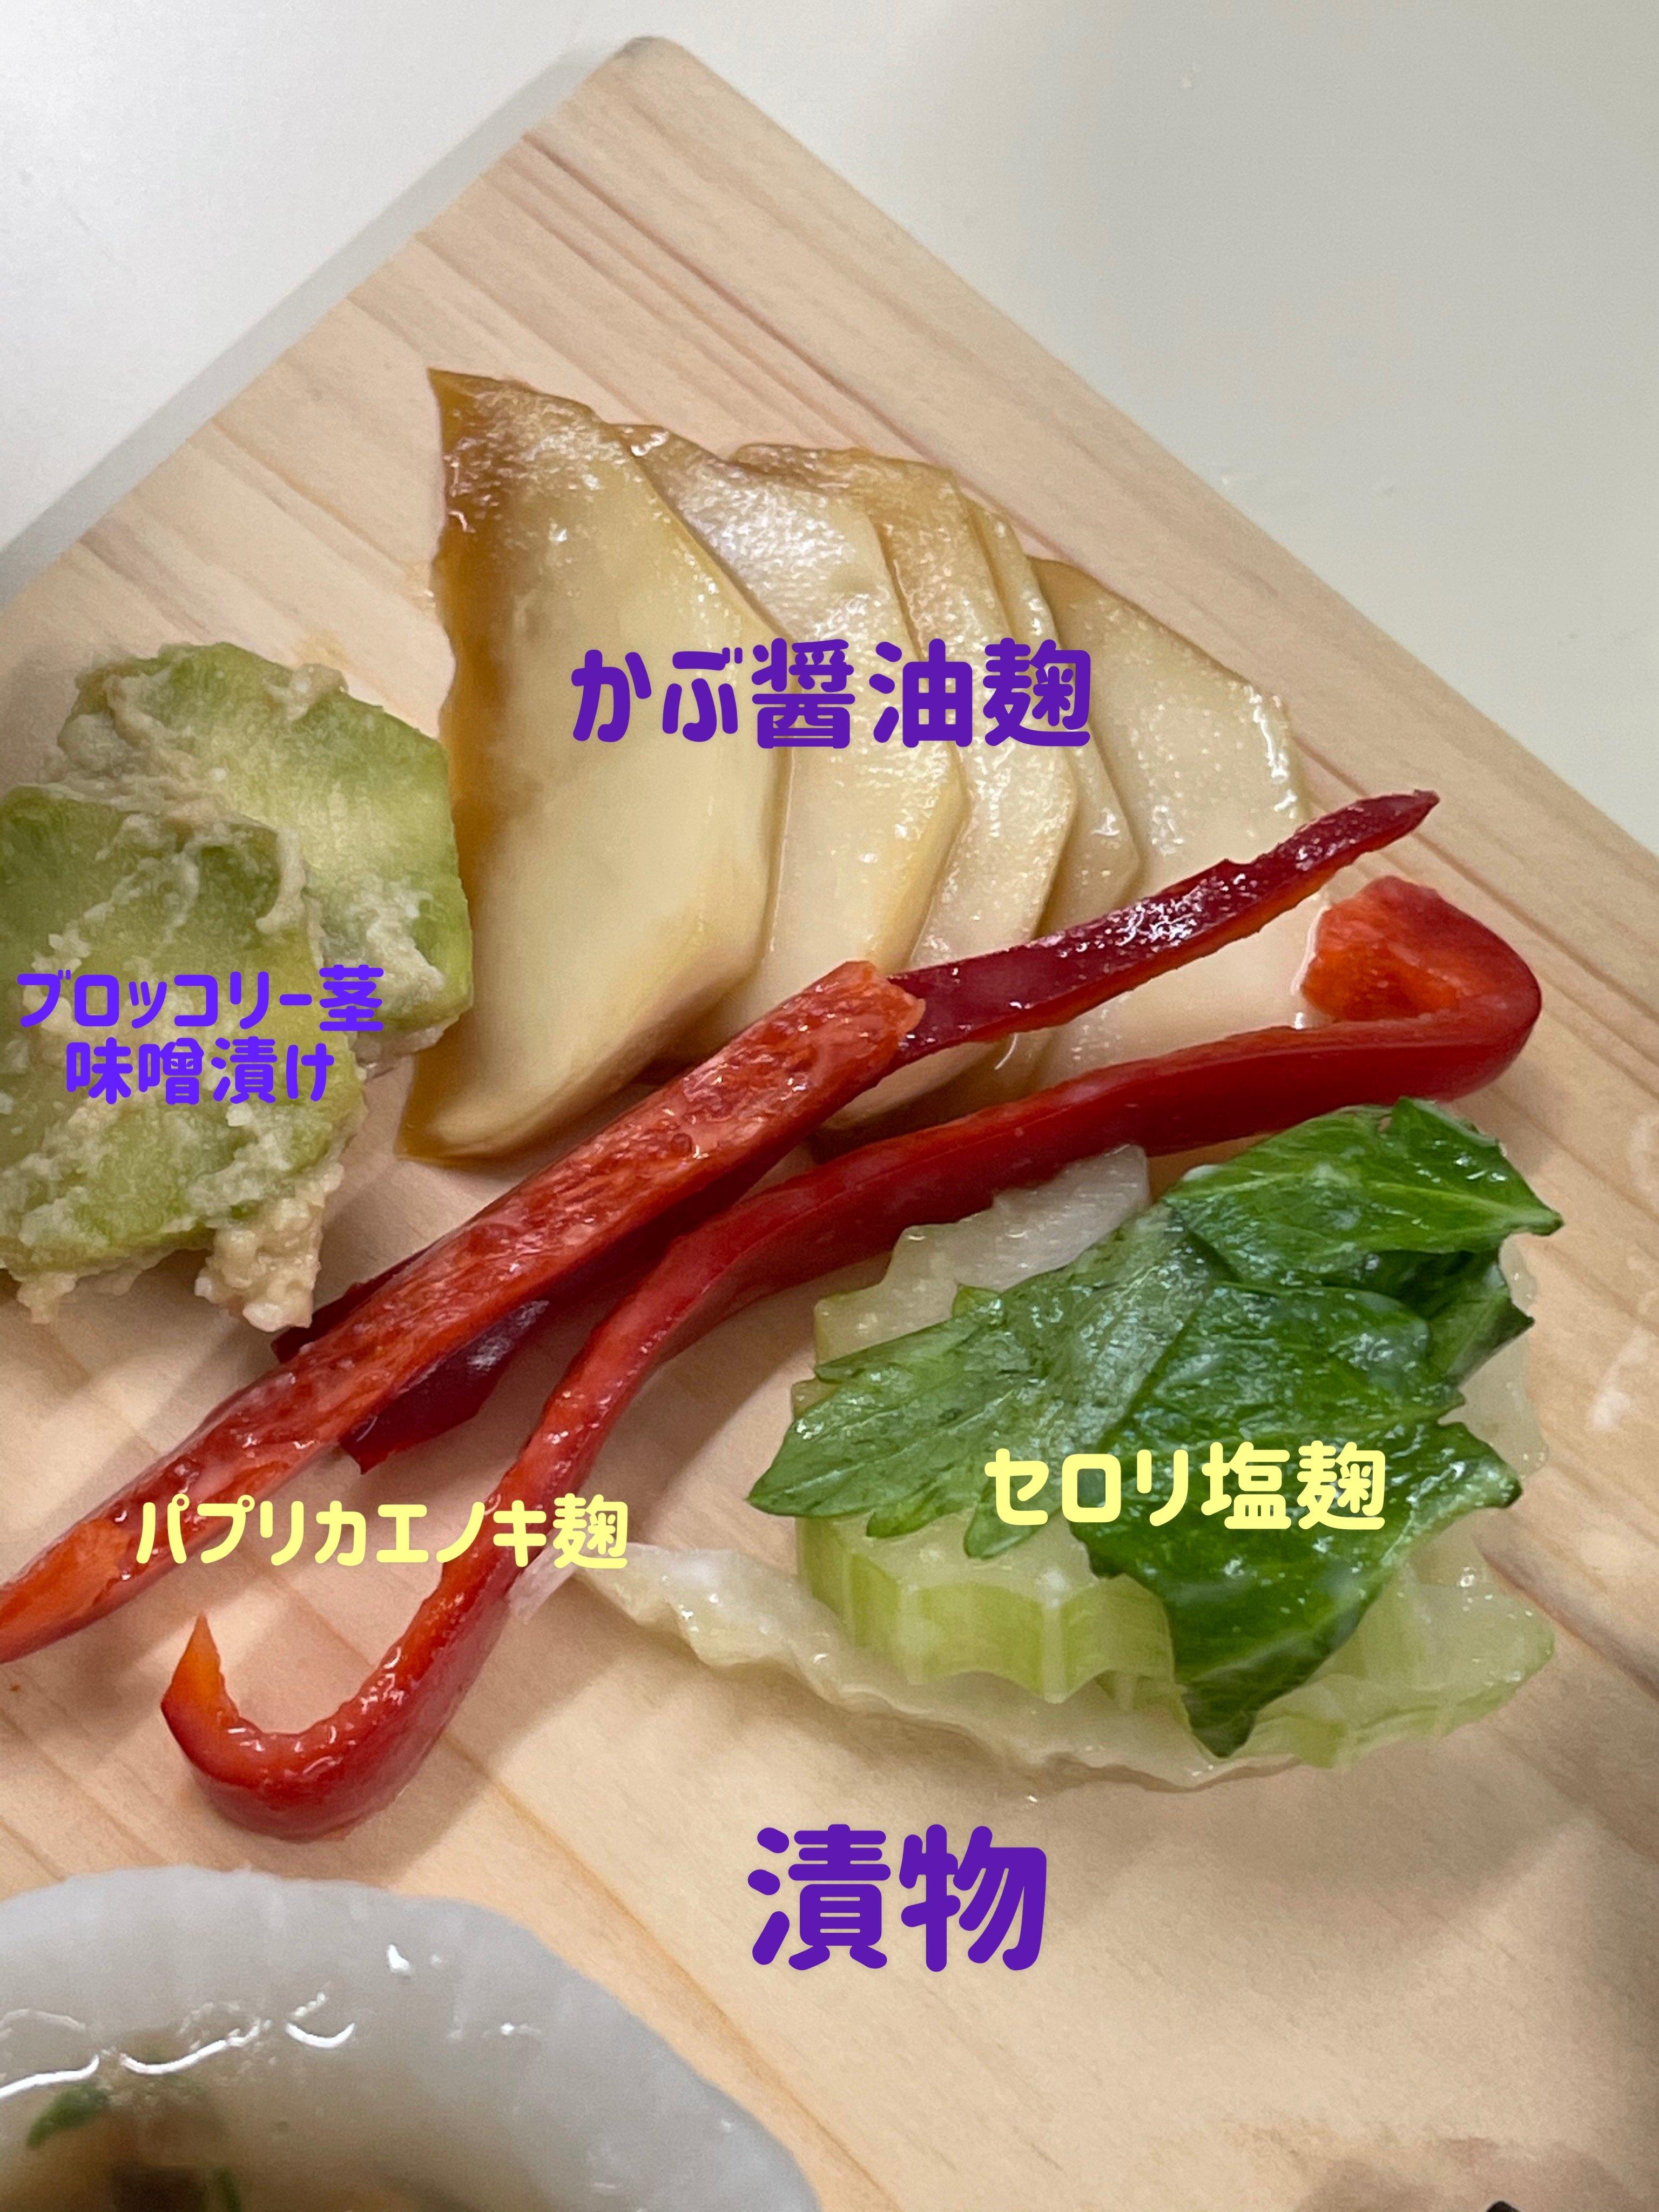 (現地払い)発酵精進ごはんレッスン 10月10日(日)のイメージその2